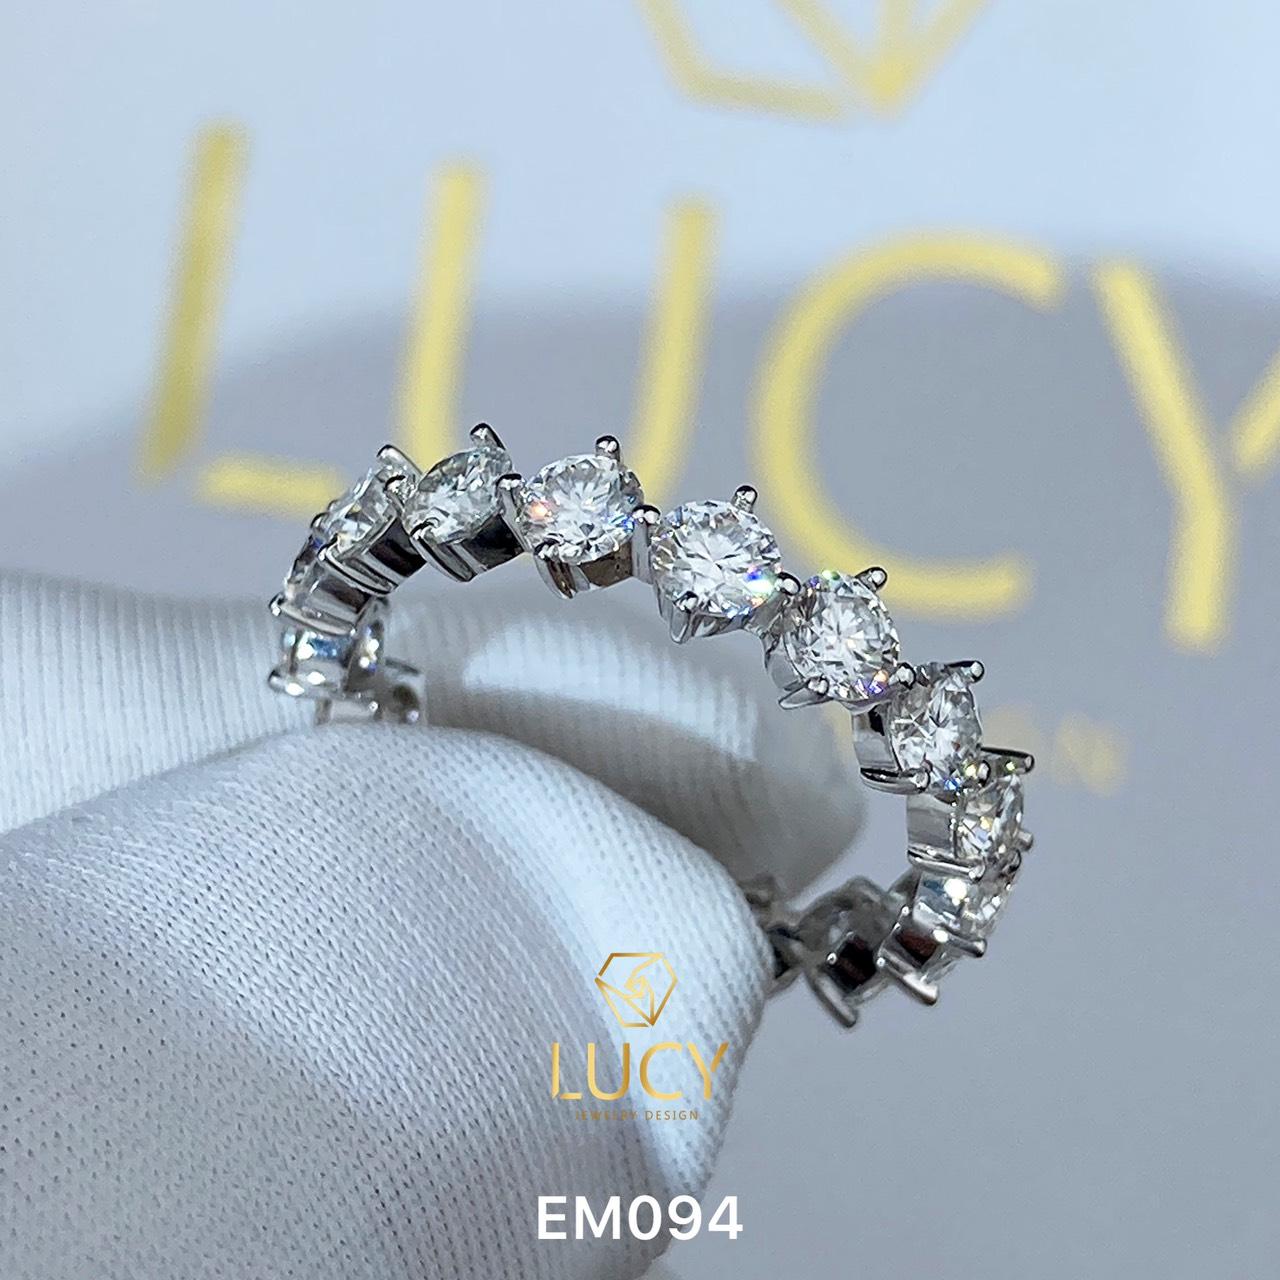 EM094 Nhẫn nữ vàng, nhẫn full đá 3mm, nhẫn nữ thiết kế - Lucy Jewelry